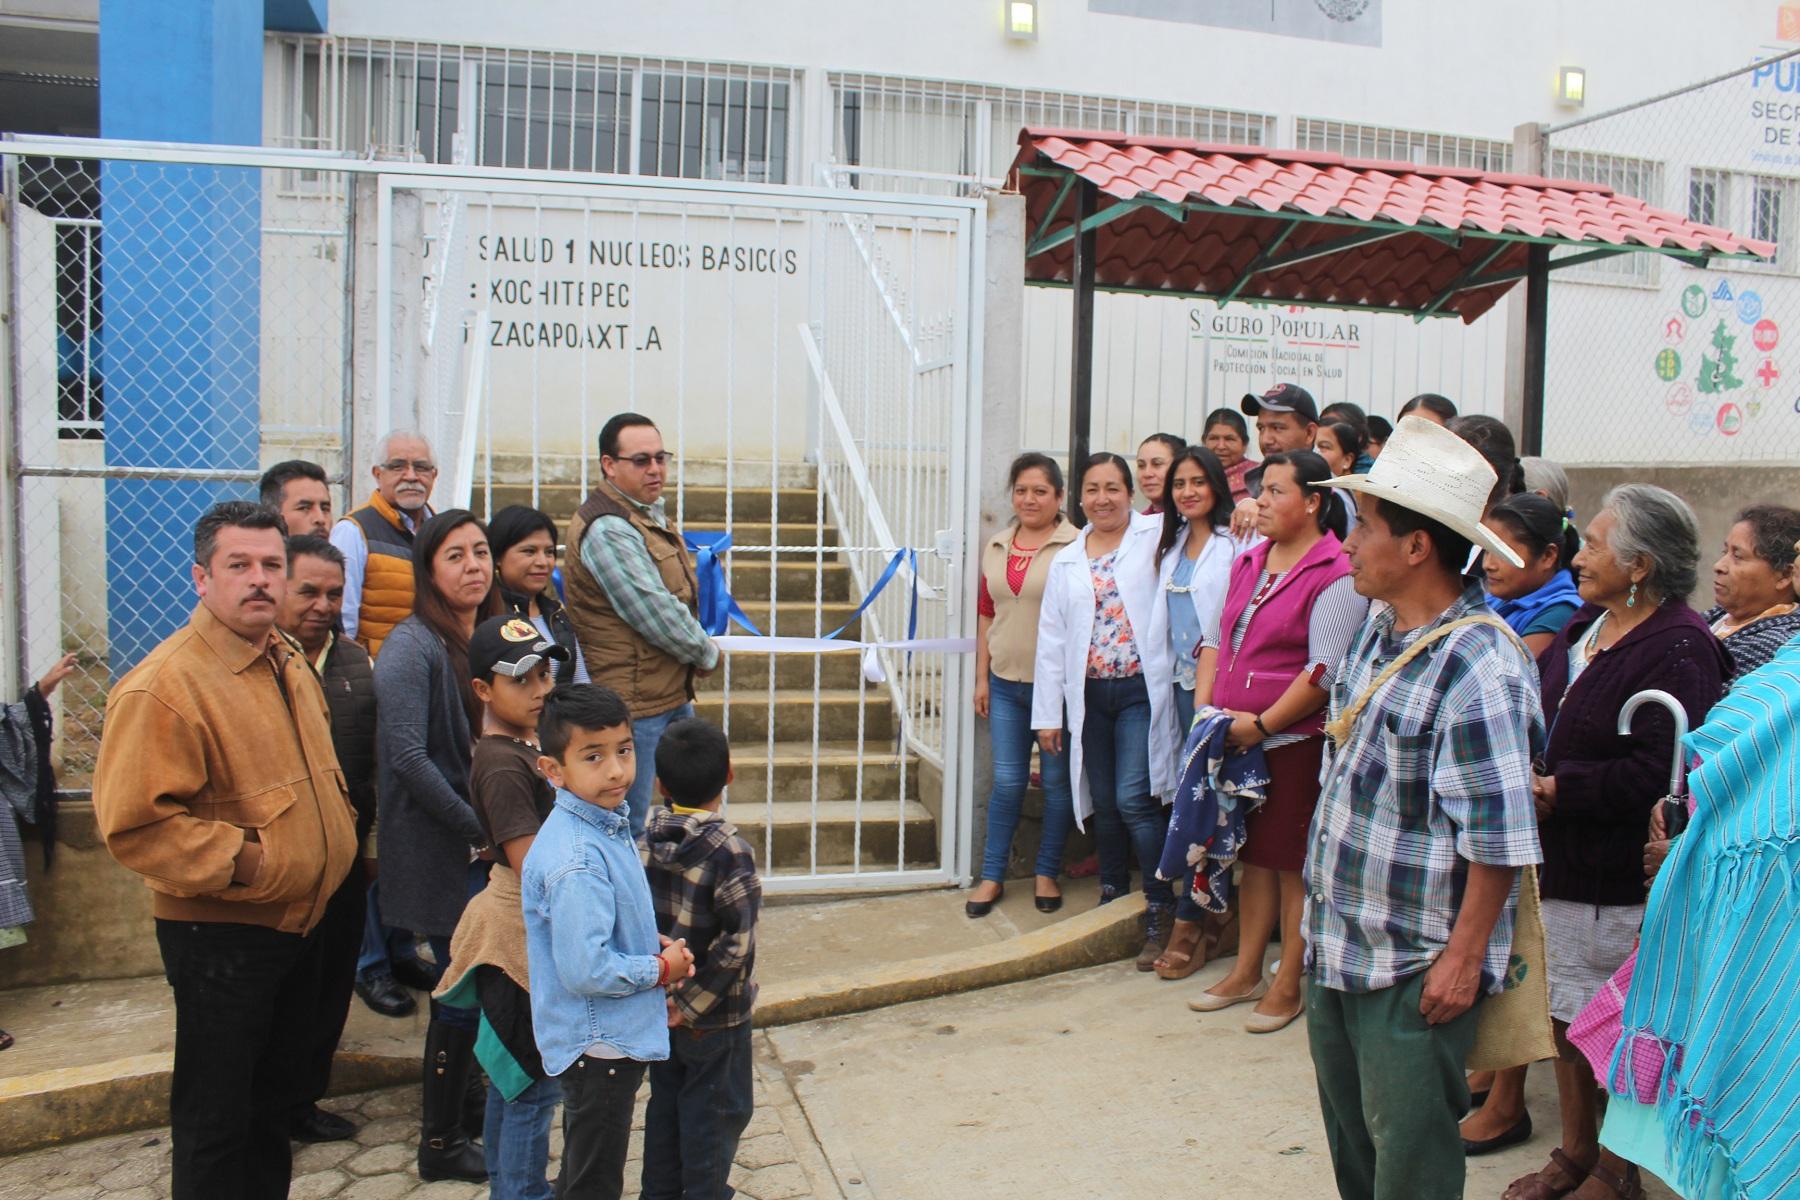 Mejorar espacios públicos, prioridad de mi gobierno: Lobato